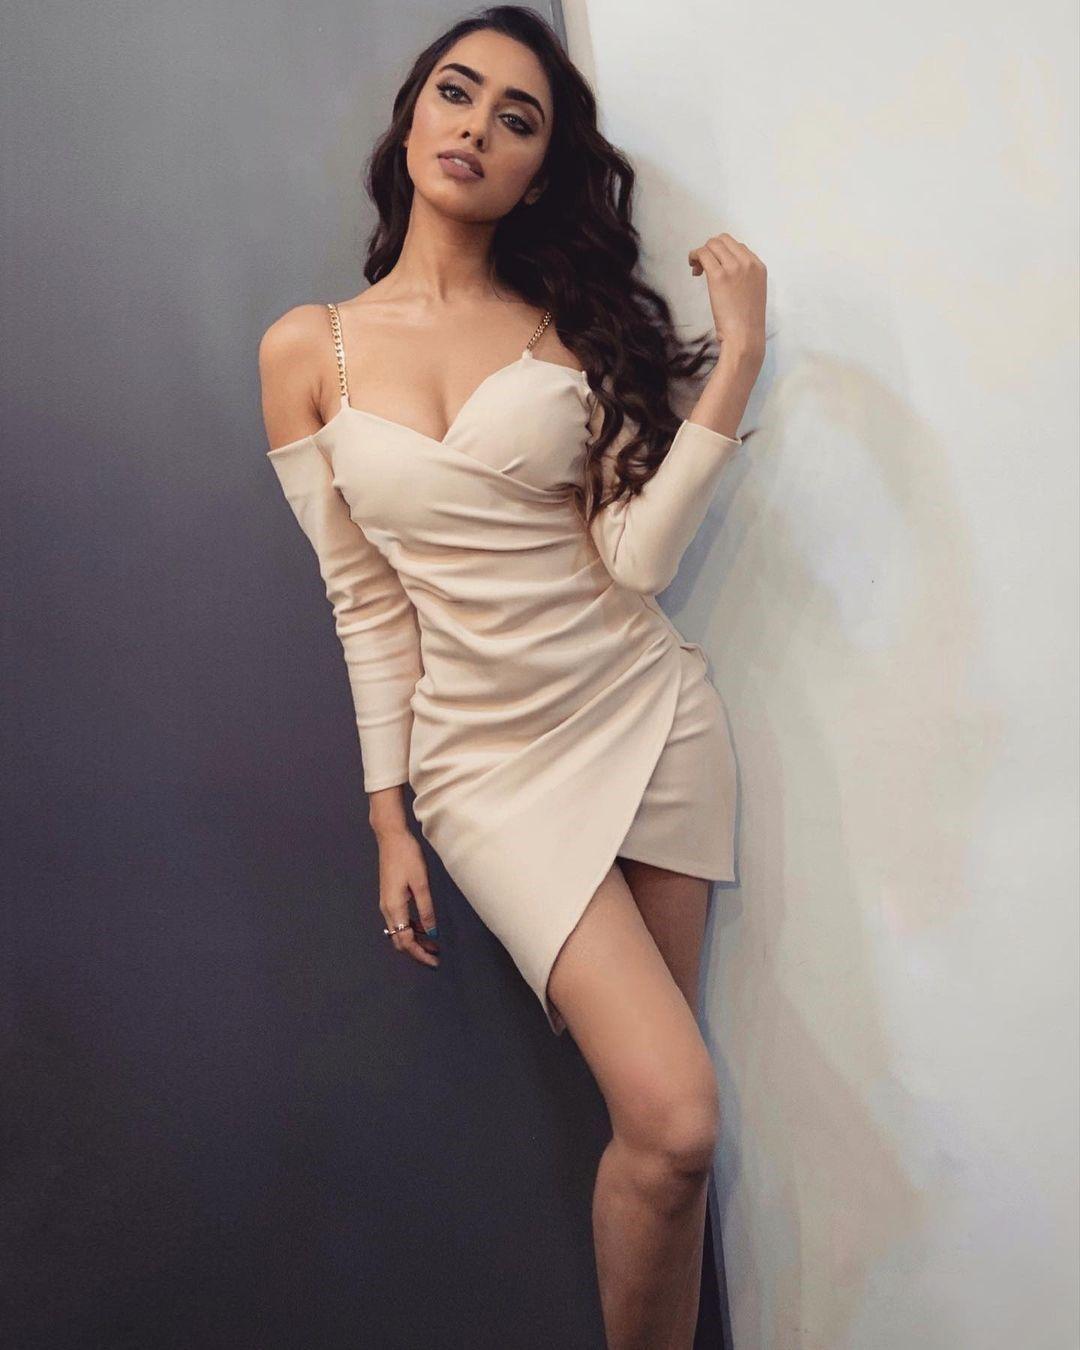 Sakshma Srivastav memiliki paras cantik!